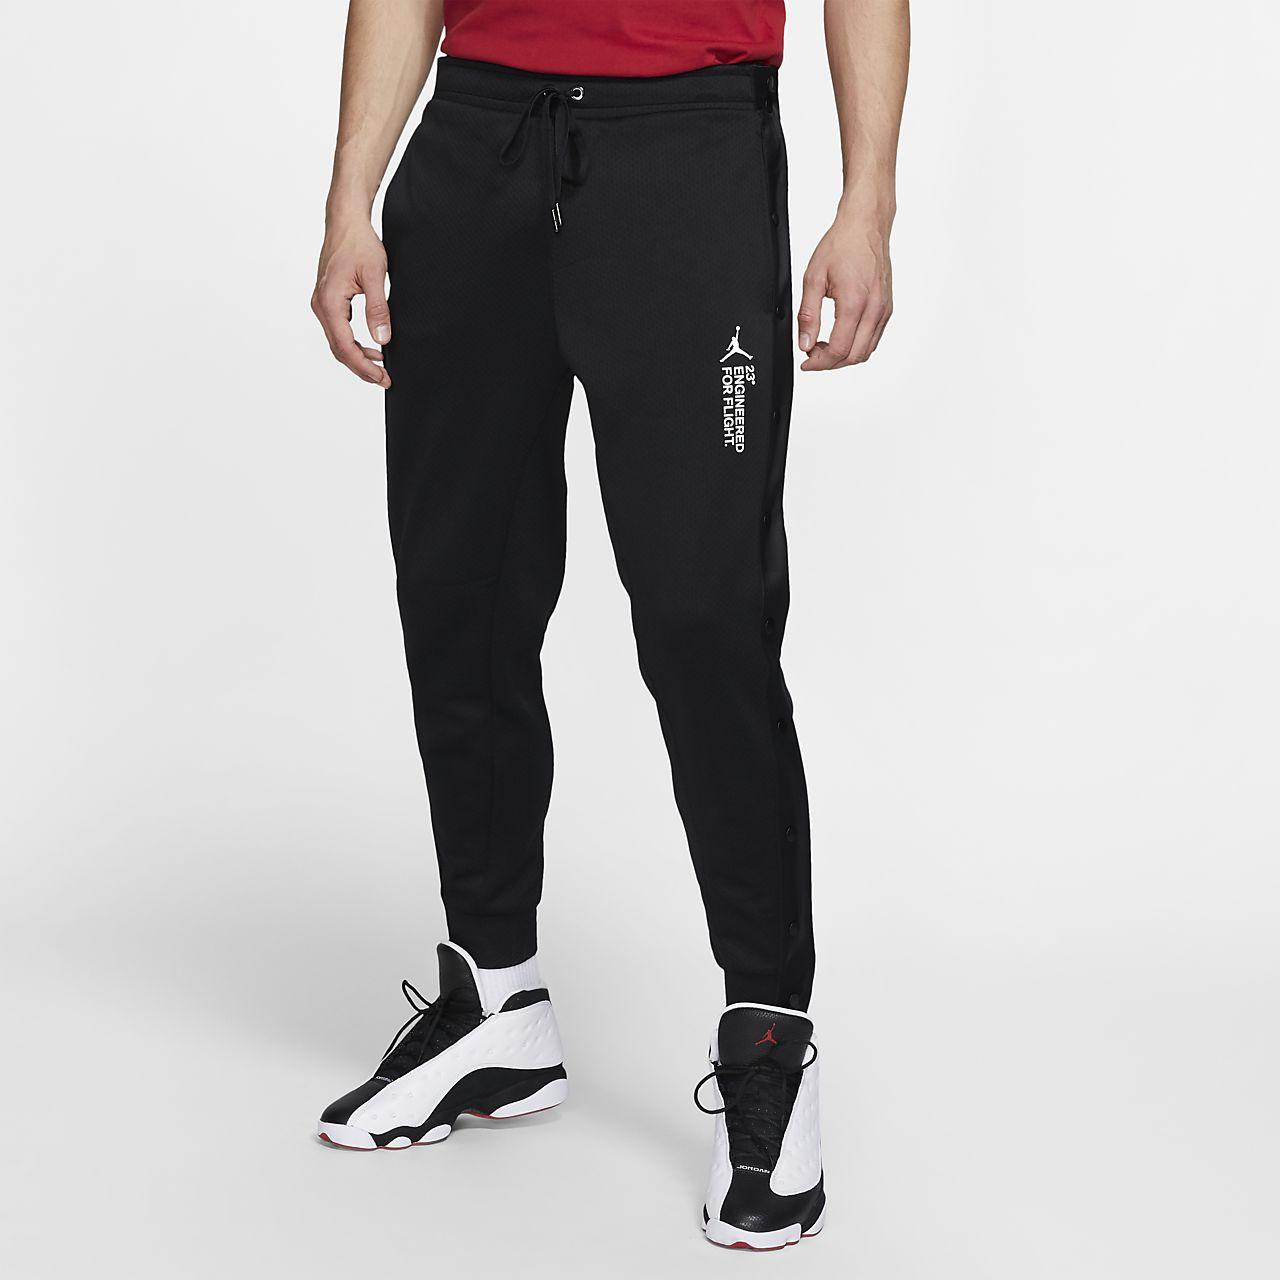 À Homme Pour Boutons Tech Jordan Pression Lite Pantalon Flight 23e 1dPB1